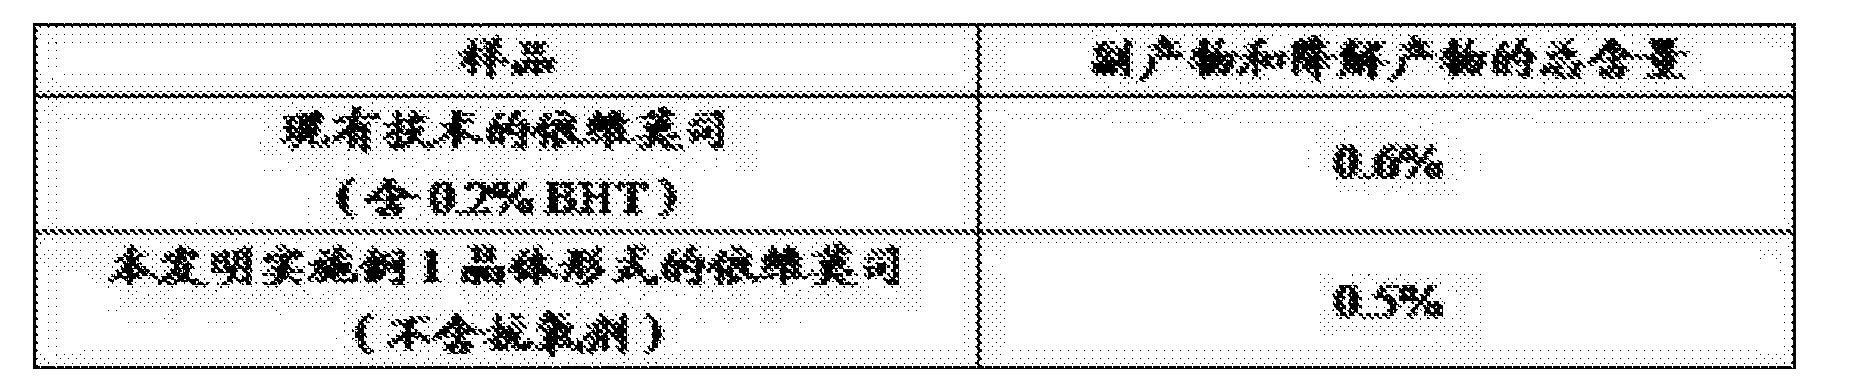 Figure CN104892632BD00071